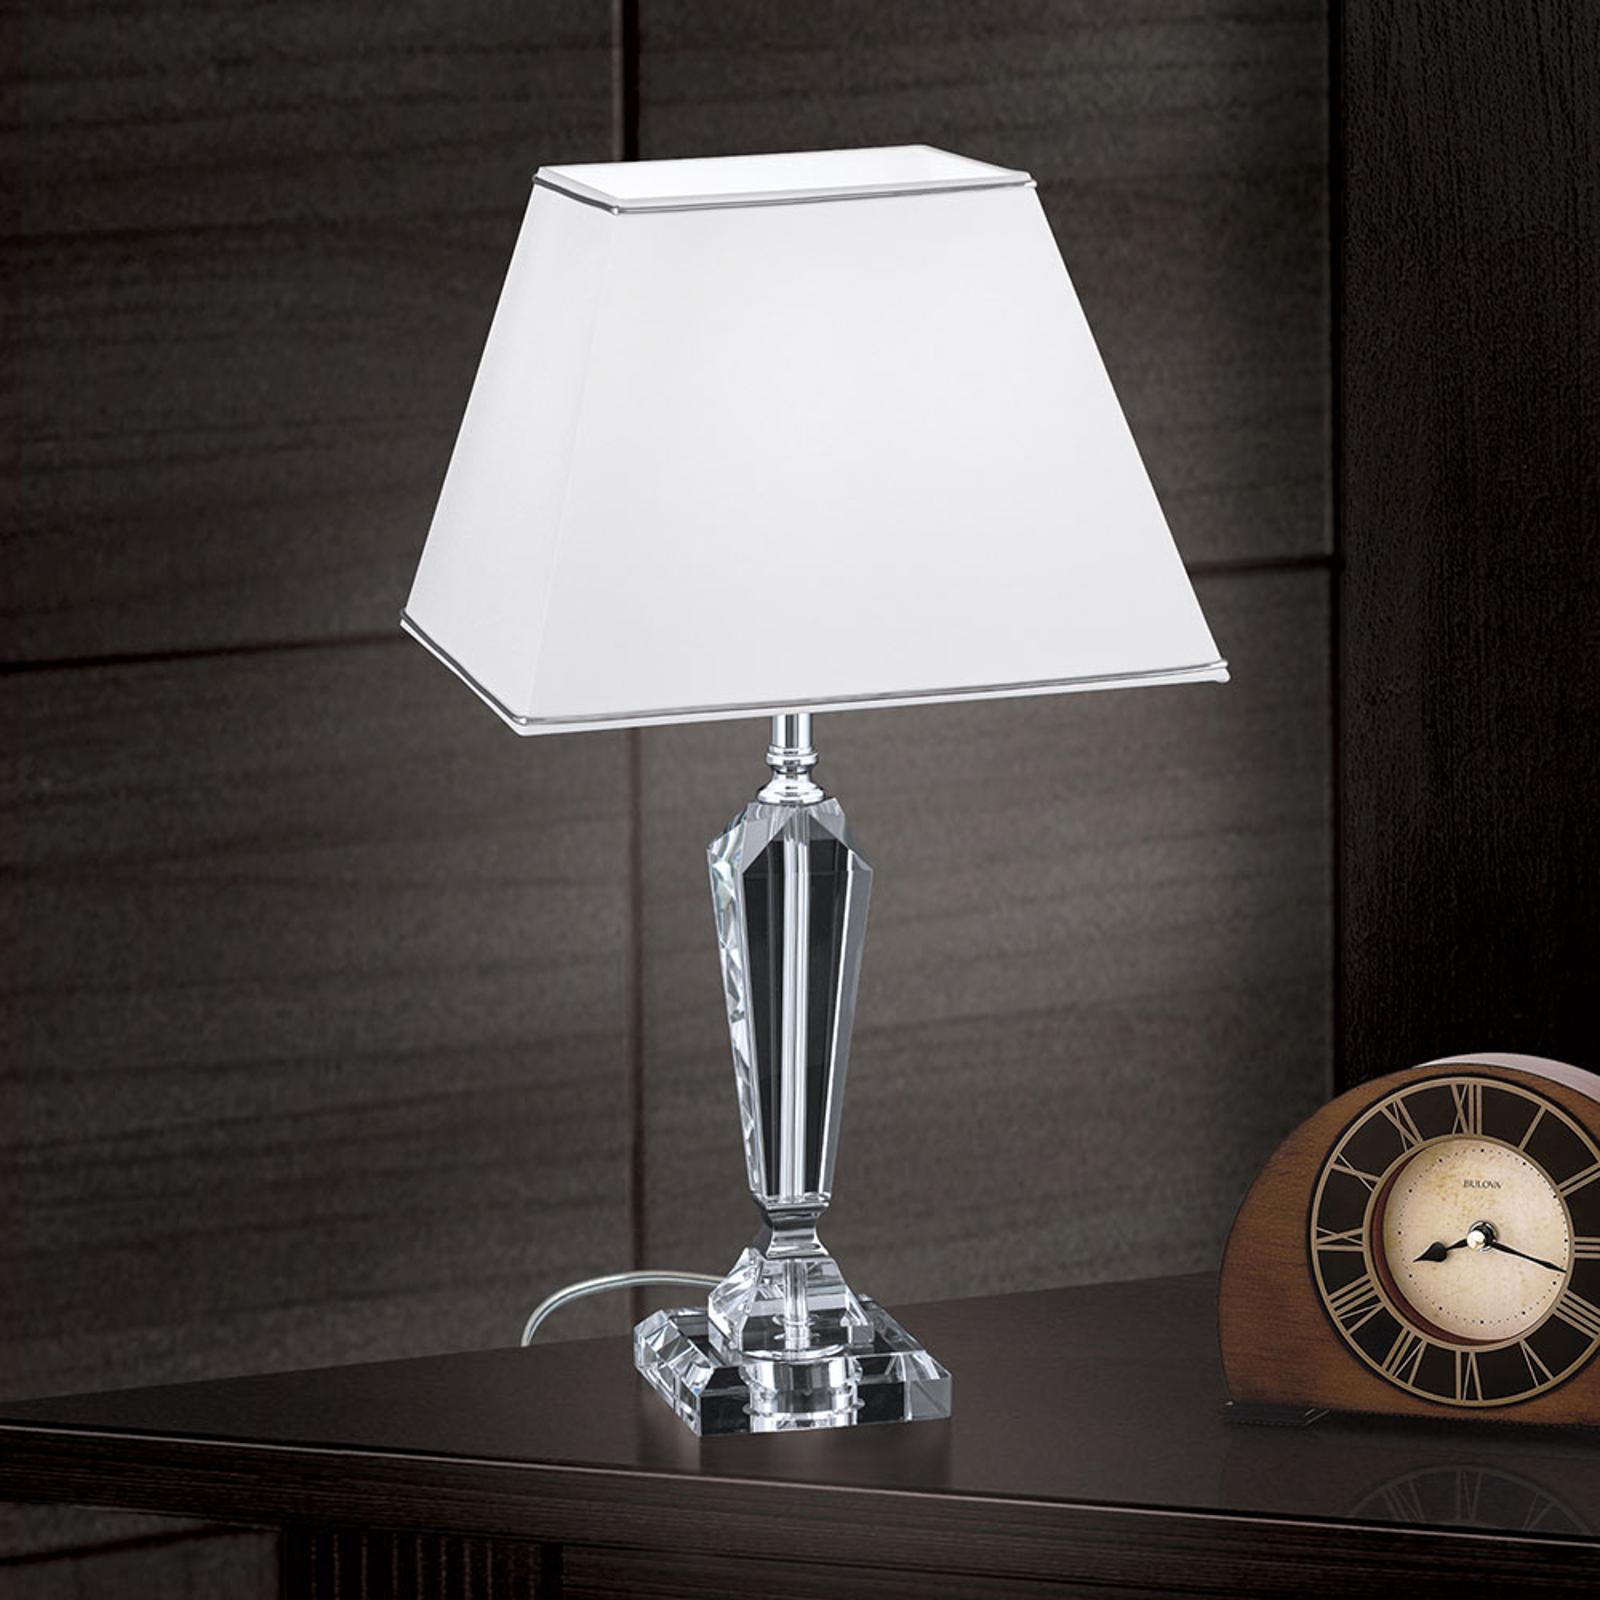 Pöytälamppu Veronique, kapea jalka valkoinen/kromi